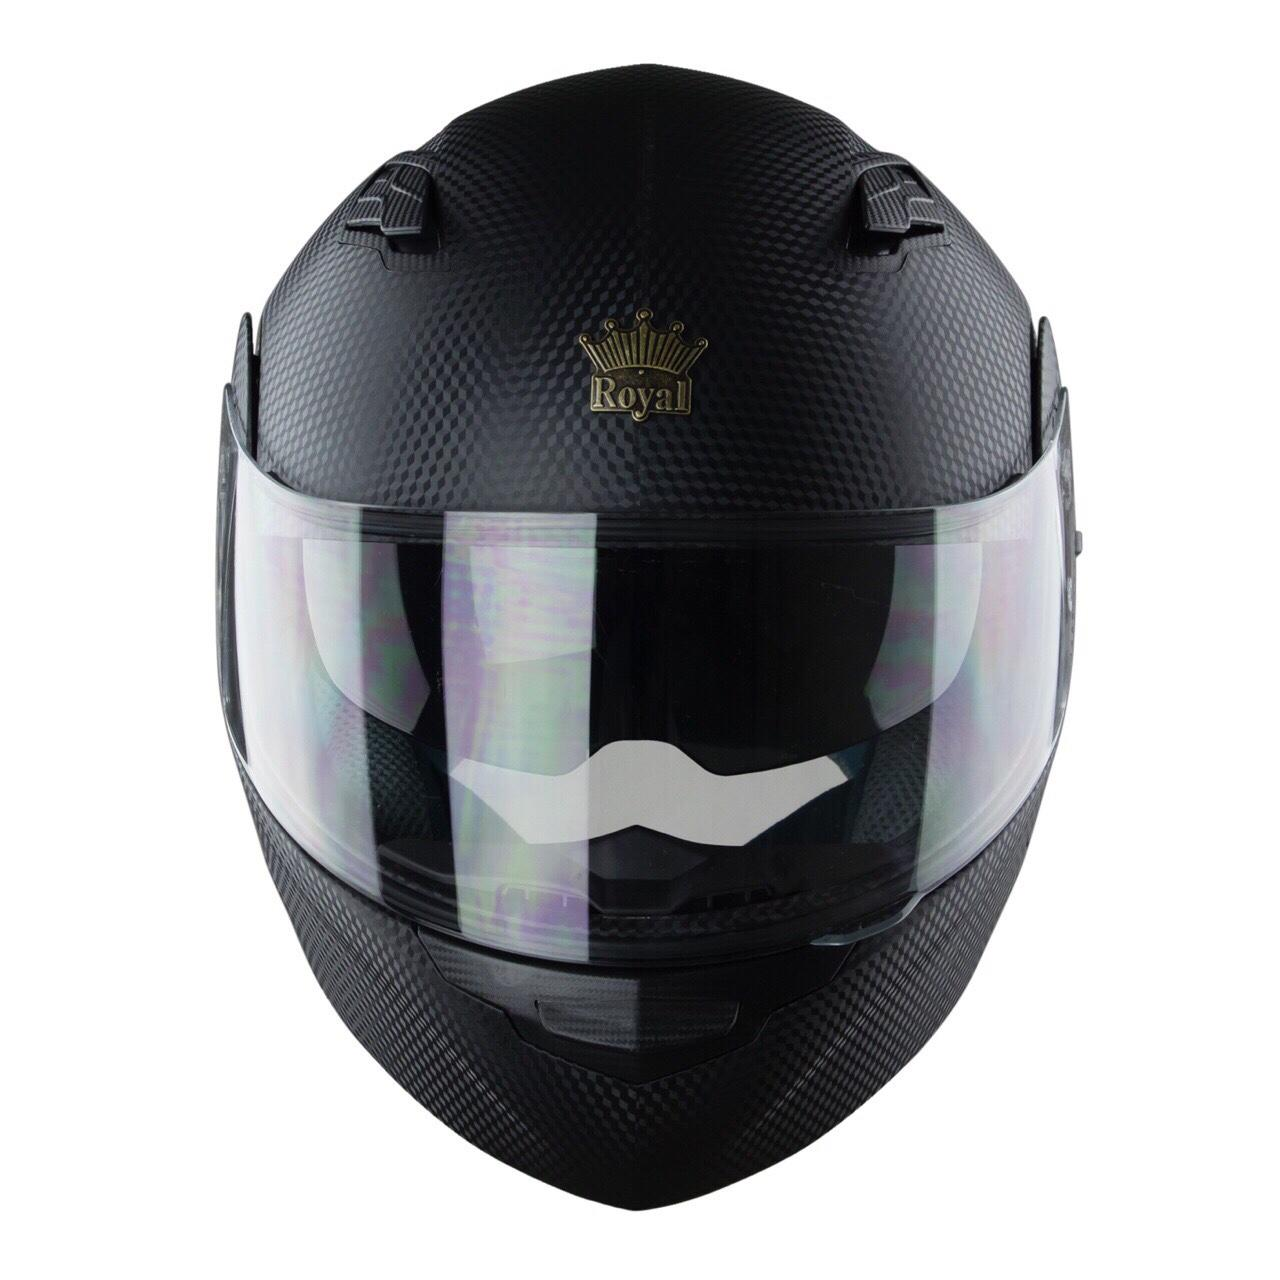 Mũ Bảo Hiểm Fullface Royal M179 Lật Hàm - Tem Carbon Chính Hãng=468.000đ